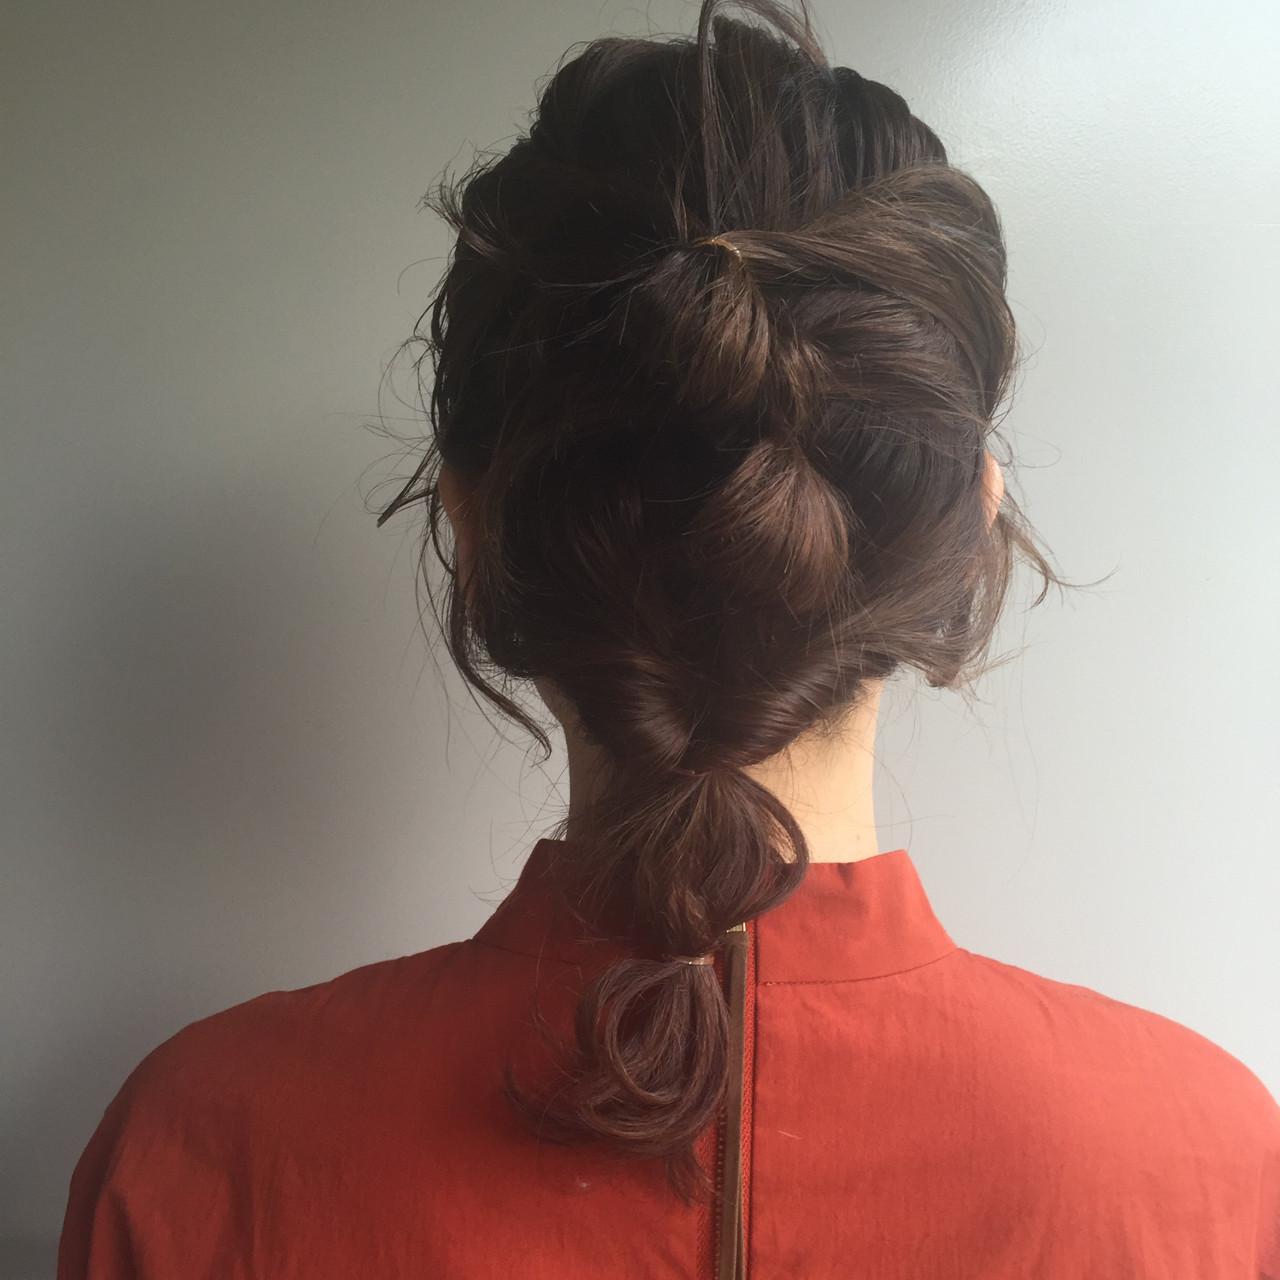 ショート ハイライト セミロング ラフ ヘアスタイルや髪型の写真・画像 | mihoshimizu /